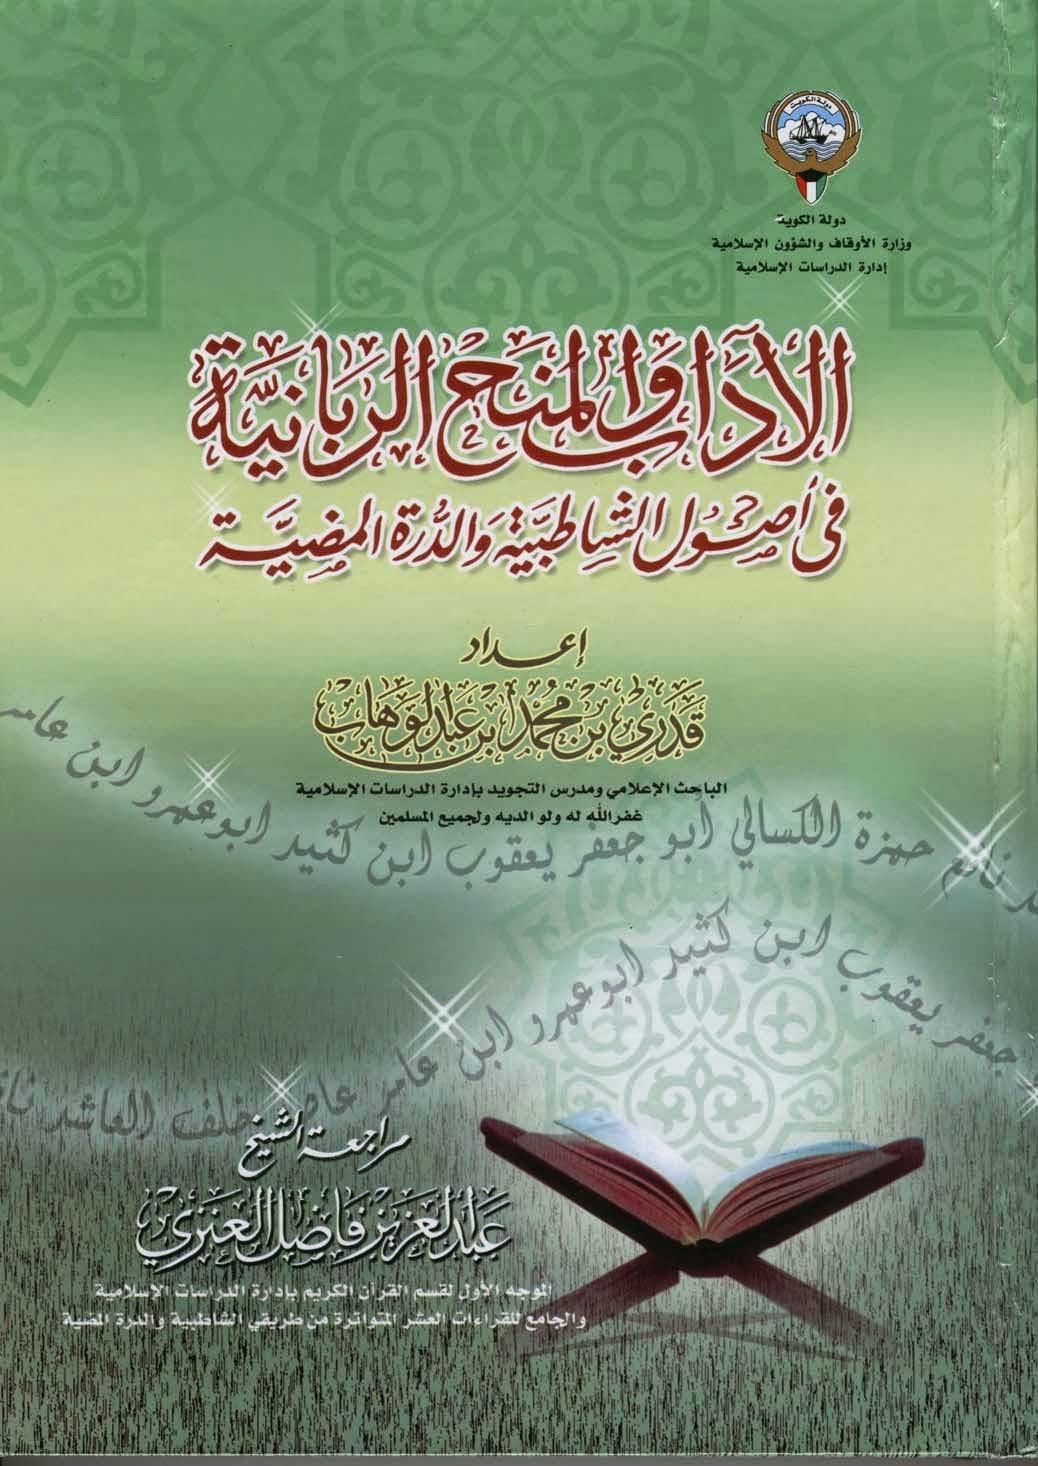 الآداب والمنح الربانية في أصول الشاطبية والدرة المضية - قدري ابن عبد الوهاب pdf